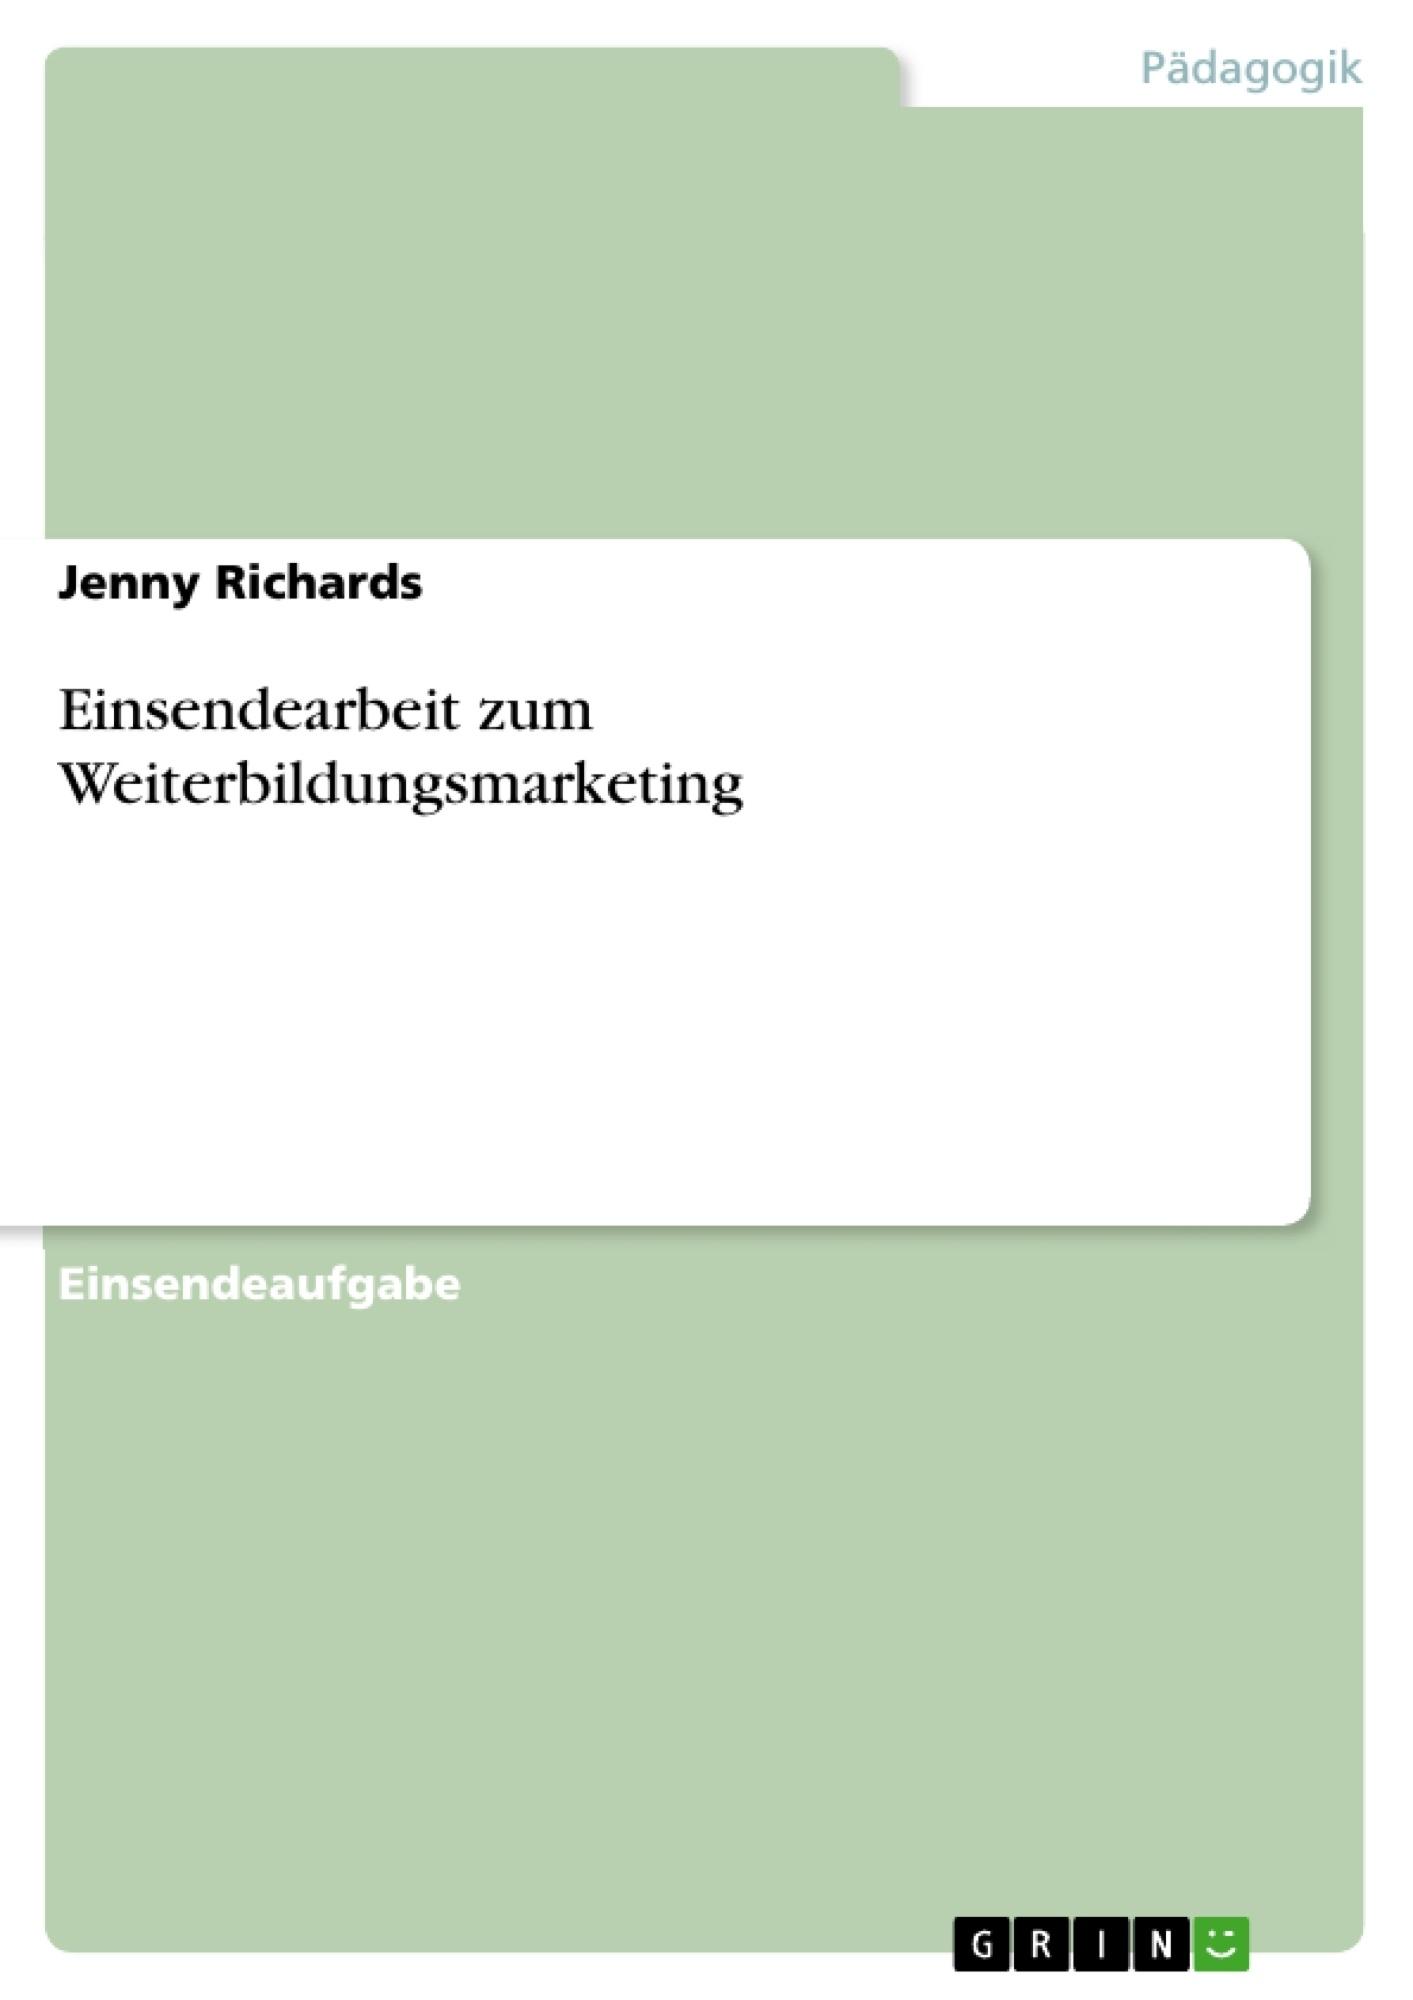 Titel: Einsendearbeit zum Weiterbildungsmarketing